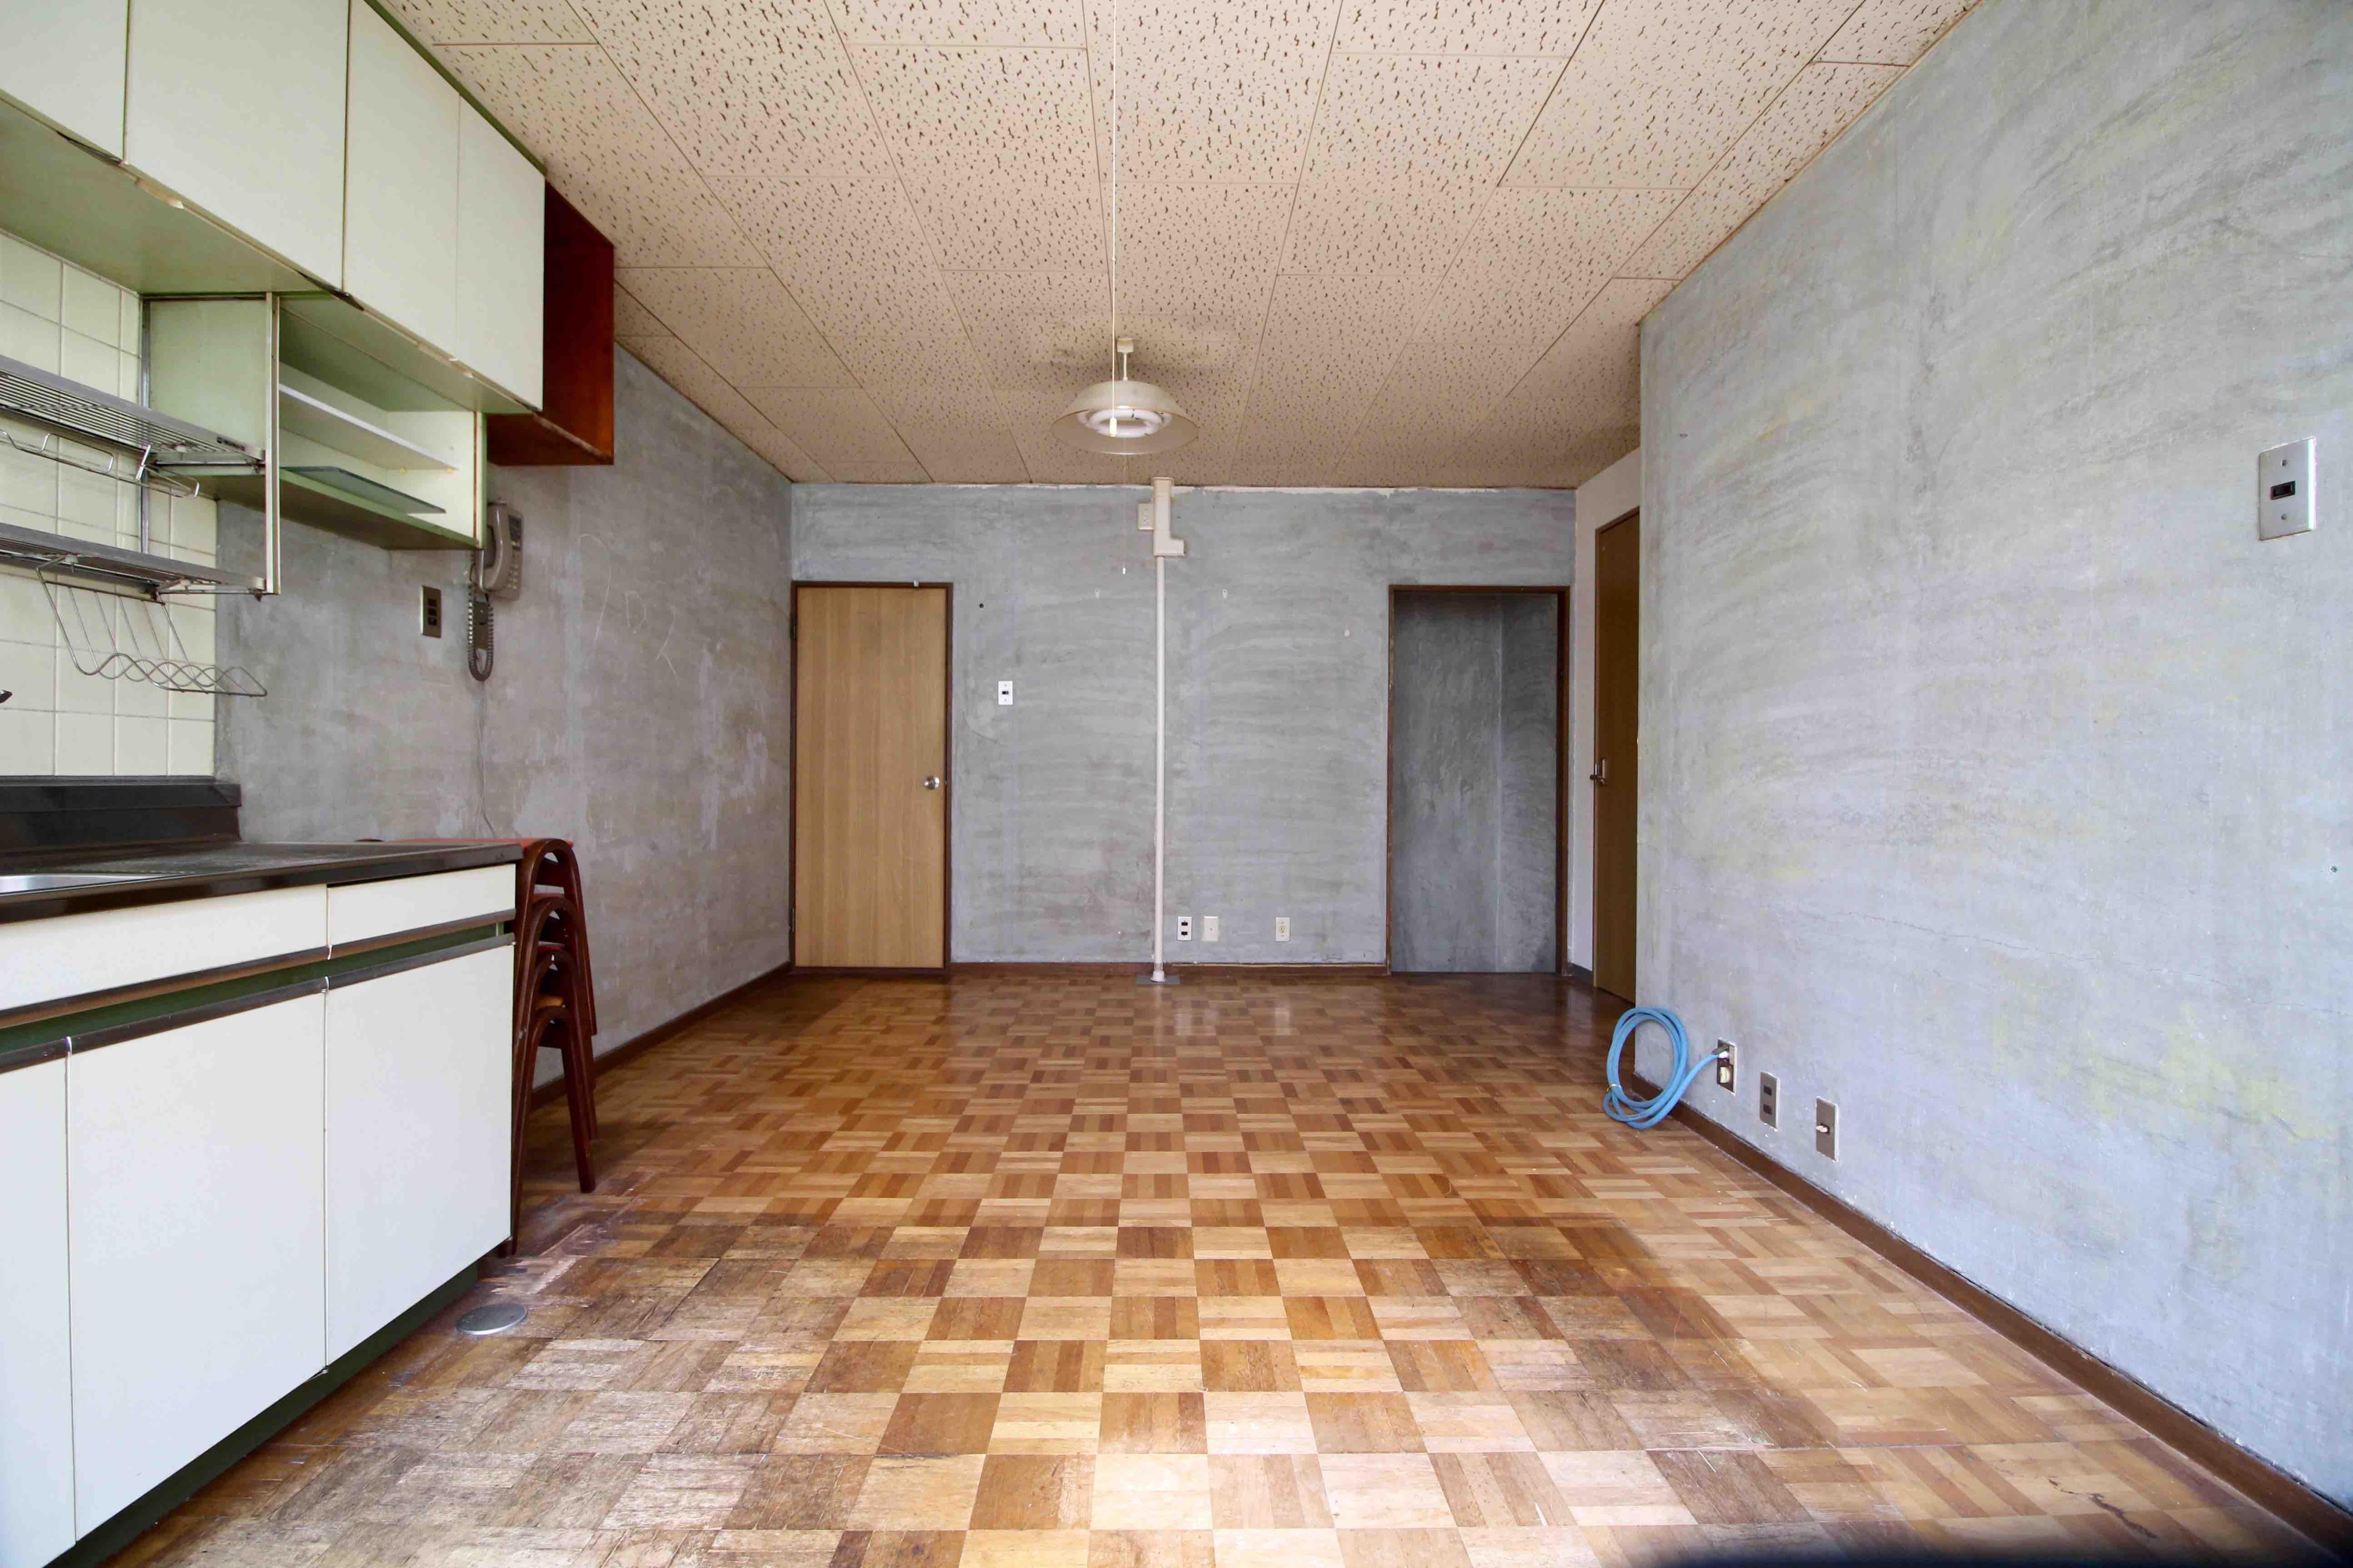 見覚えのある教室の床を彷彿とさせるフローリングに、壁はムキ出し